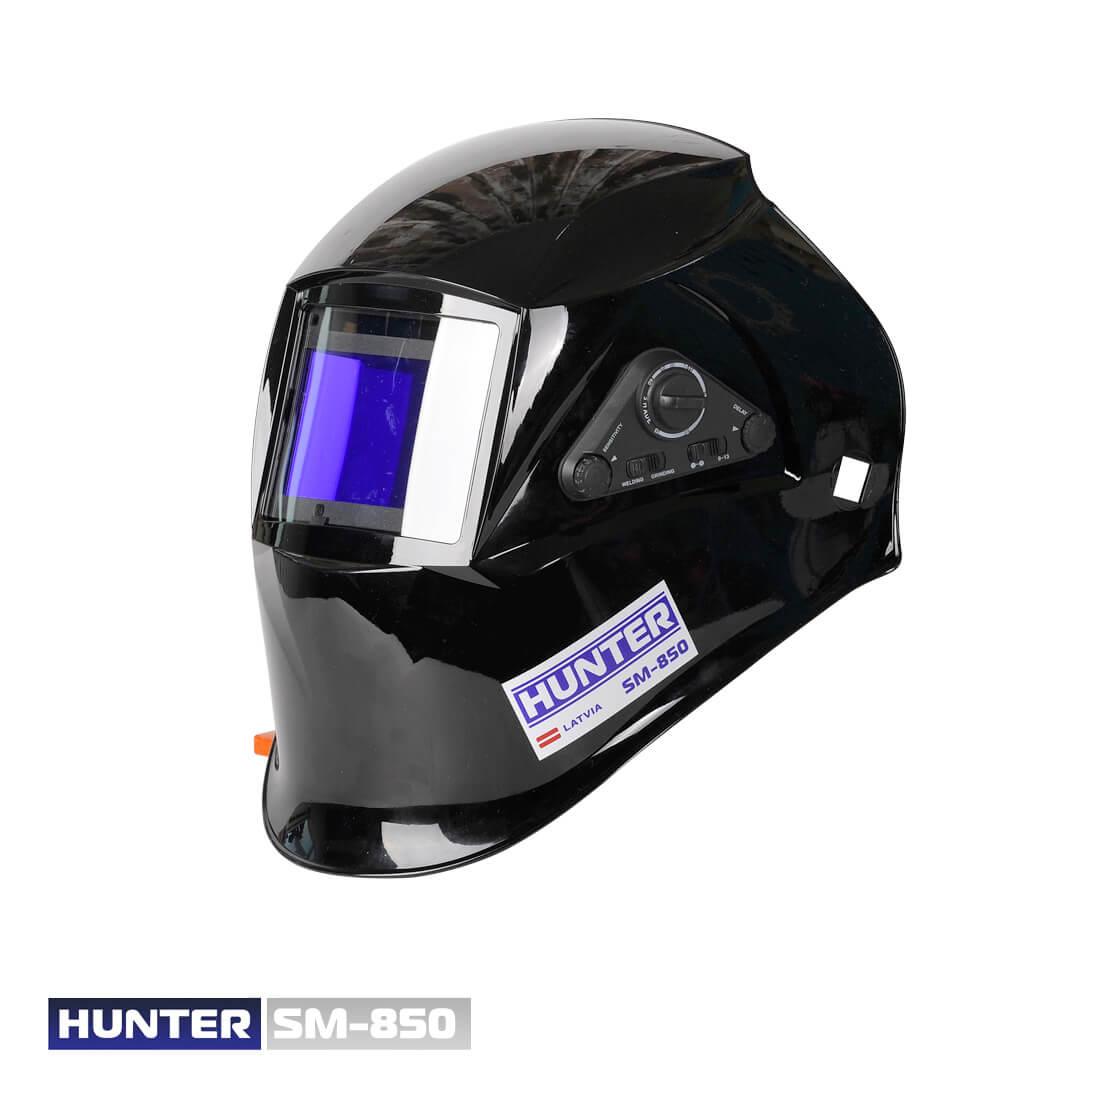 Фото SM-850 цена 1300грн №1 — Hunter